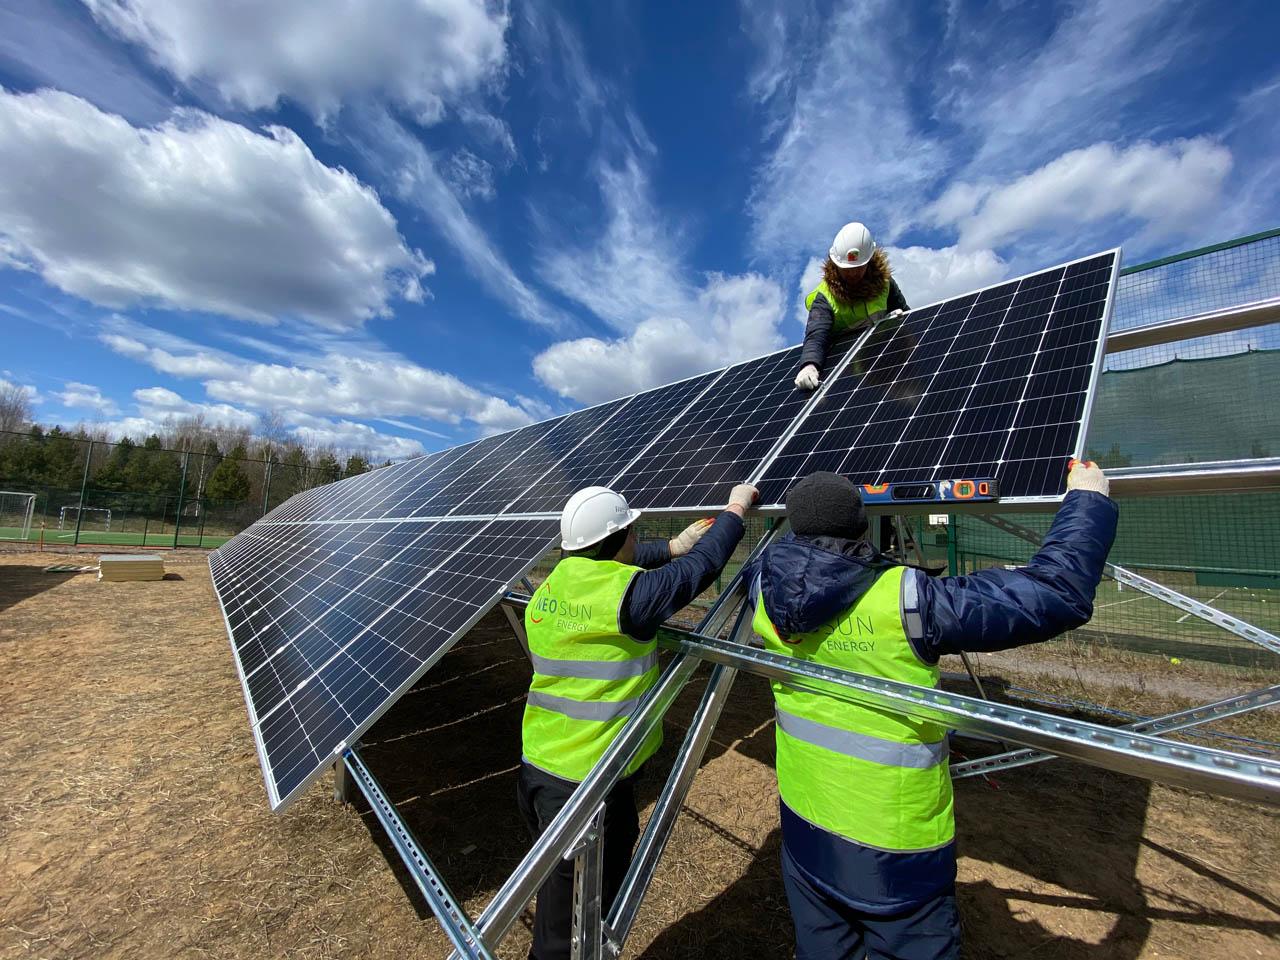 Топ-6 солнечных электростанций для дачи: особенности, цена и где купить